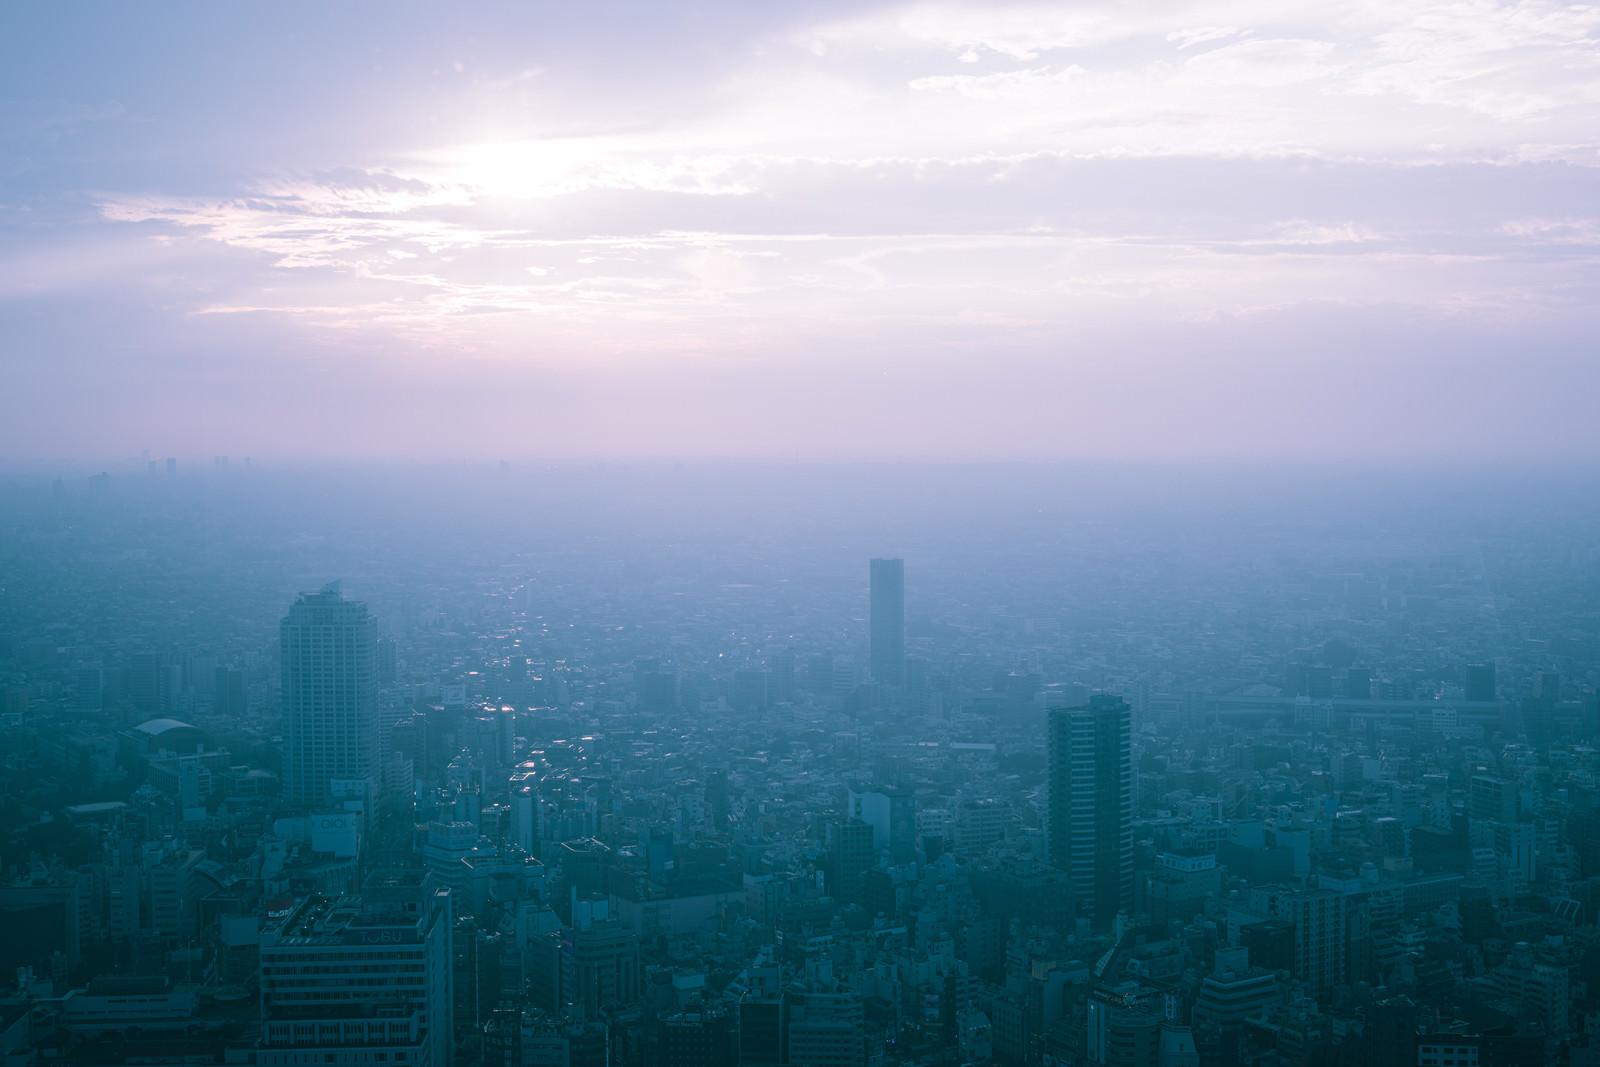 「塵でスモークがかった大都会」の写真